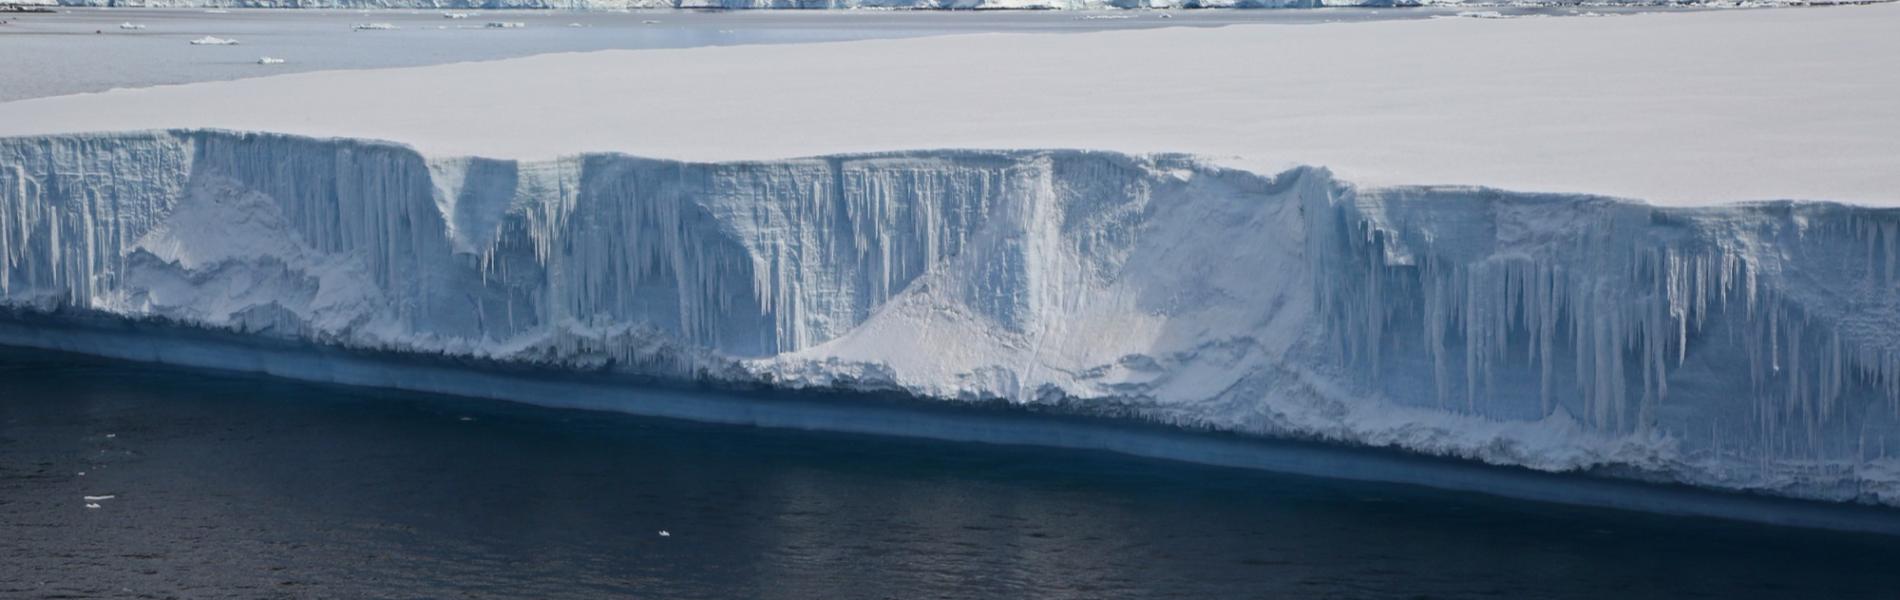 מלכת הקרח: כך נראה טיול של 5 כוכבים ביבשת הקפואה